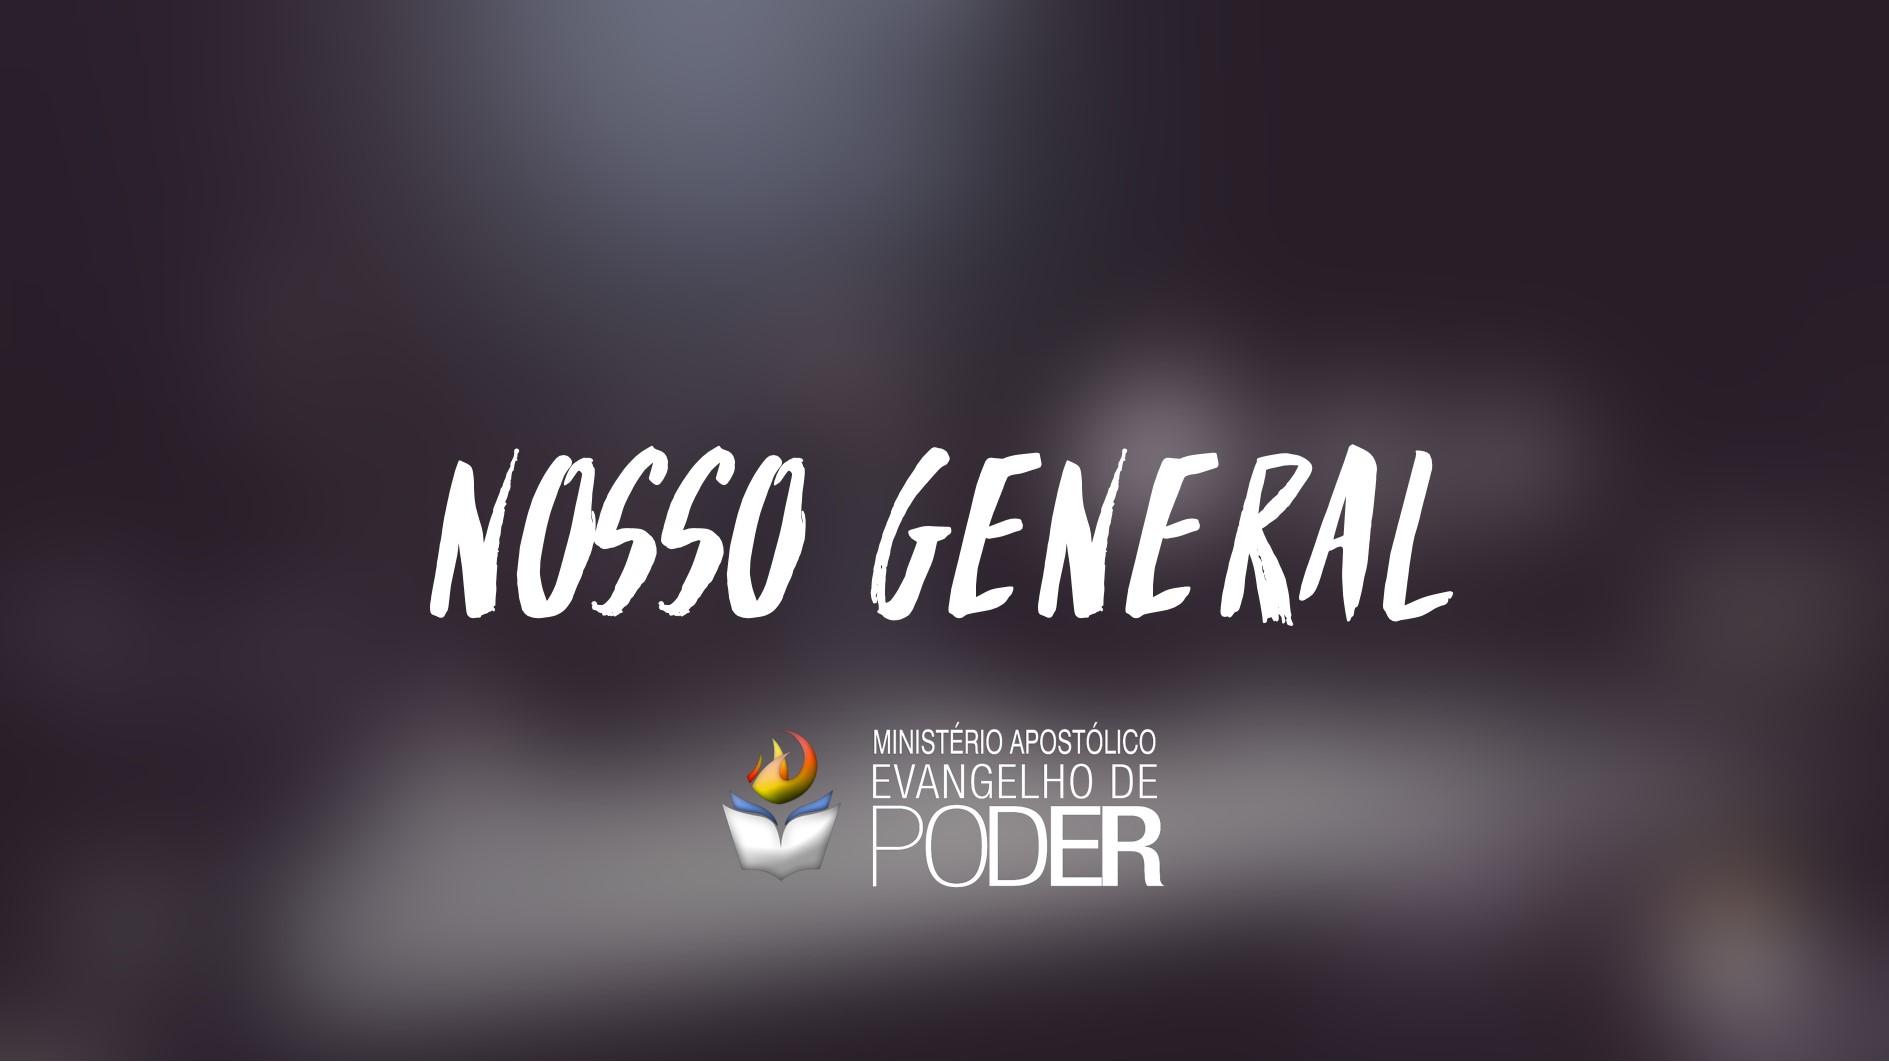 NOSSO GENERAL É CRISTO